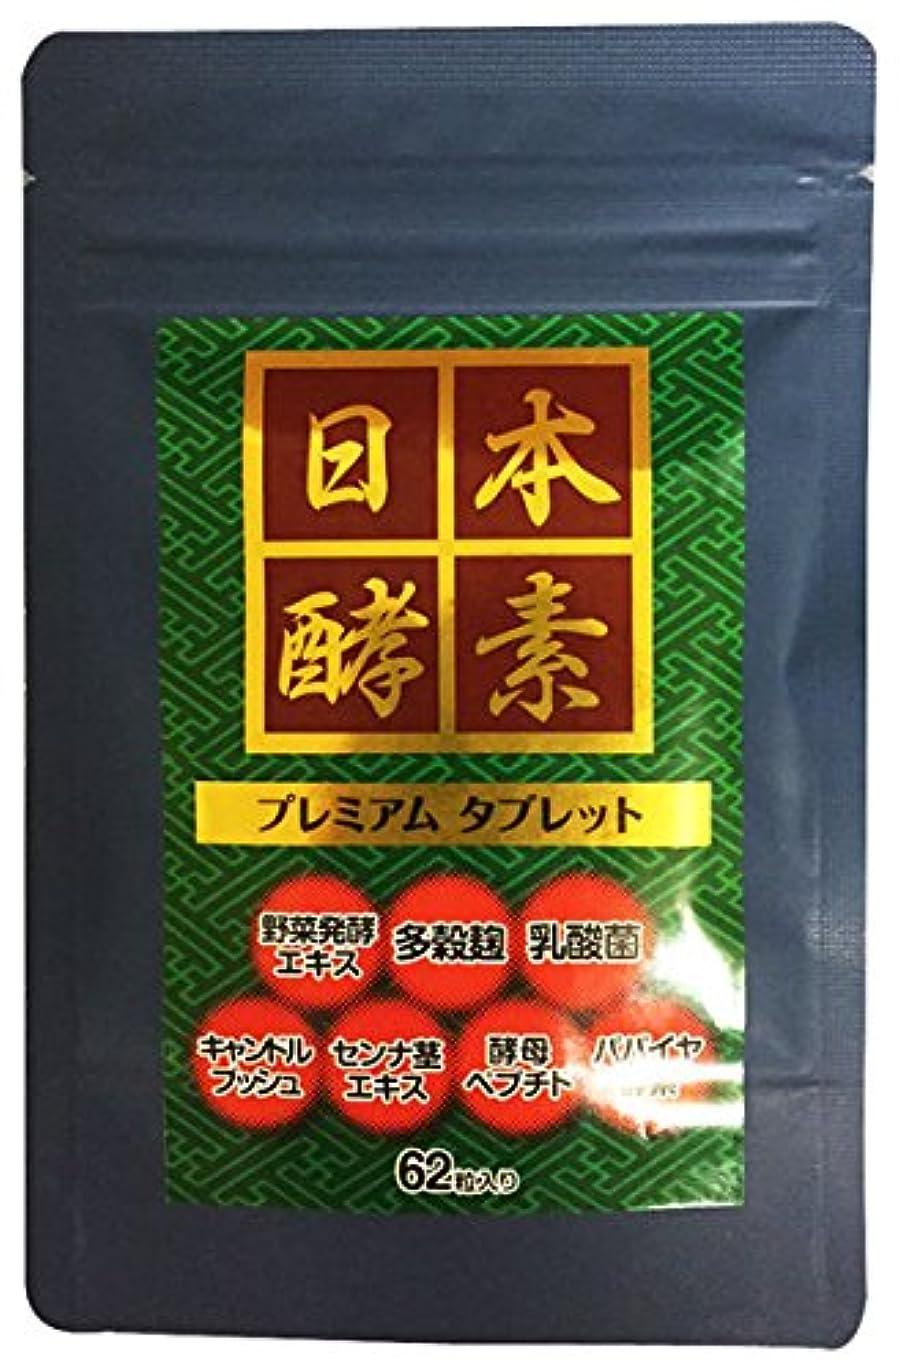 インフラゴムスキャン日本酵素プレミアムタブレット 62粒